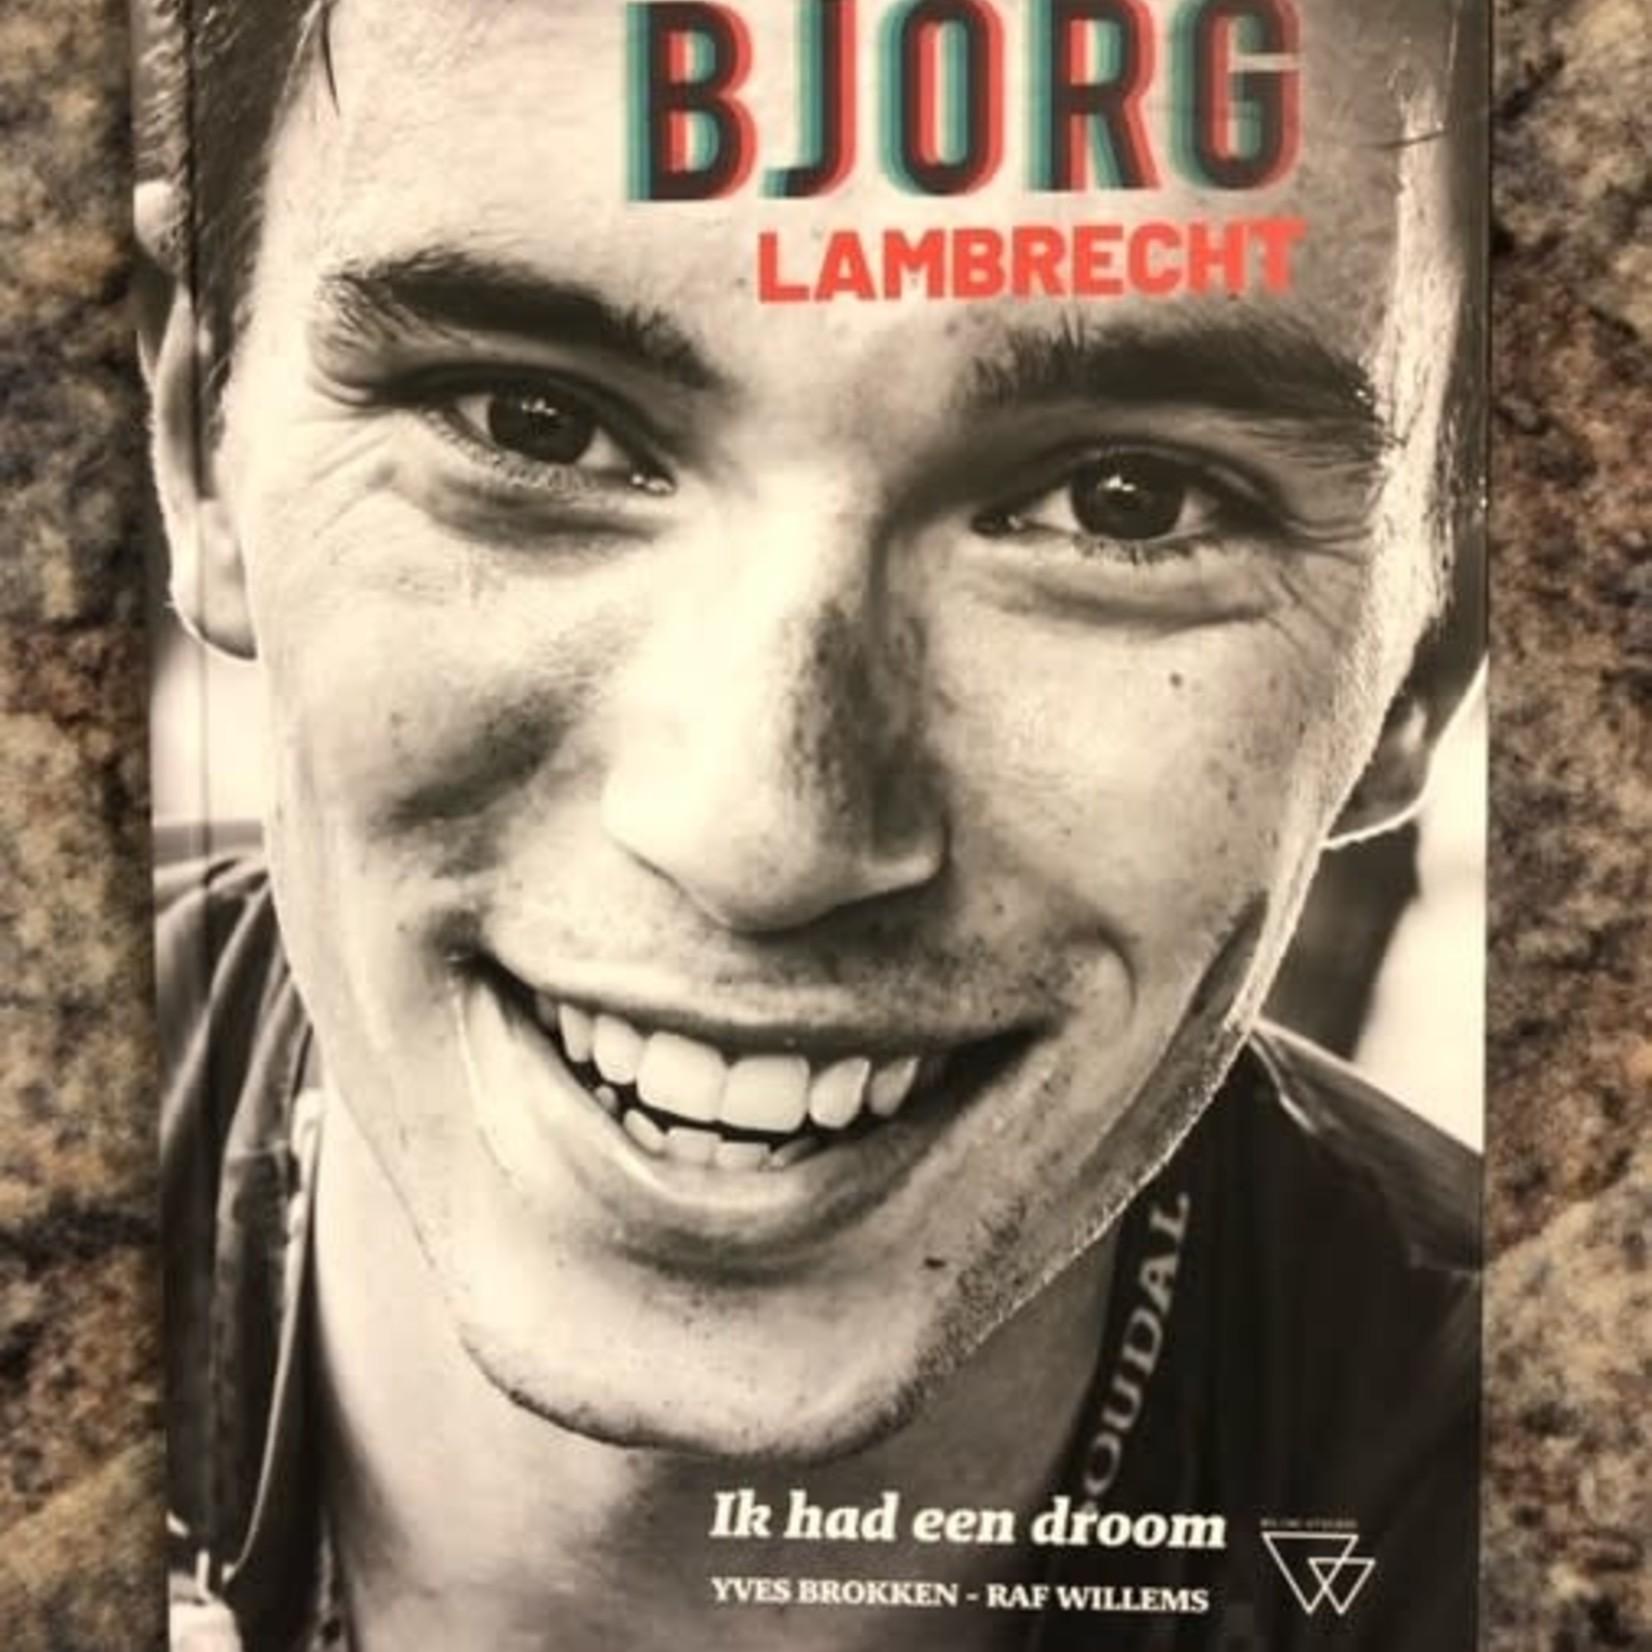 Ik had een droom Bjorg Lambrecht